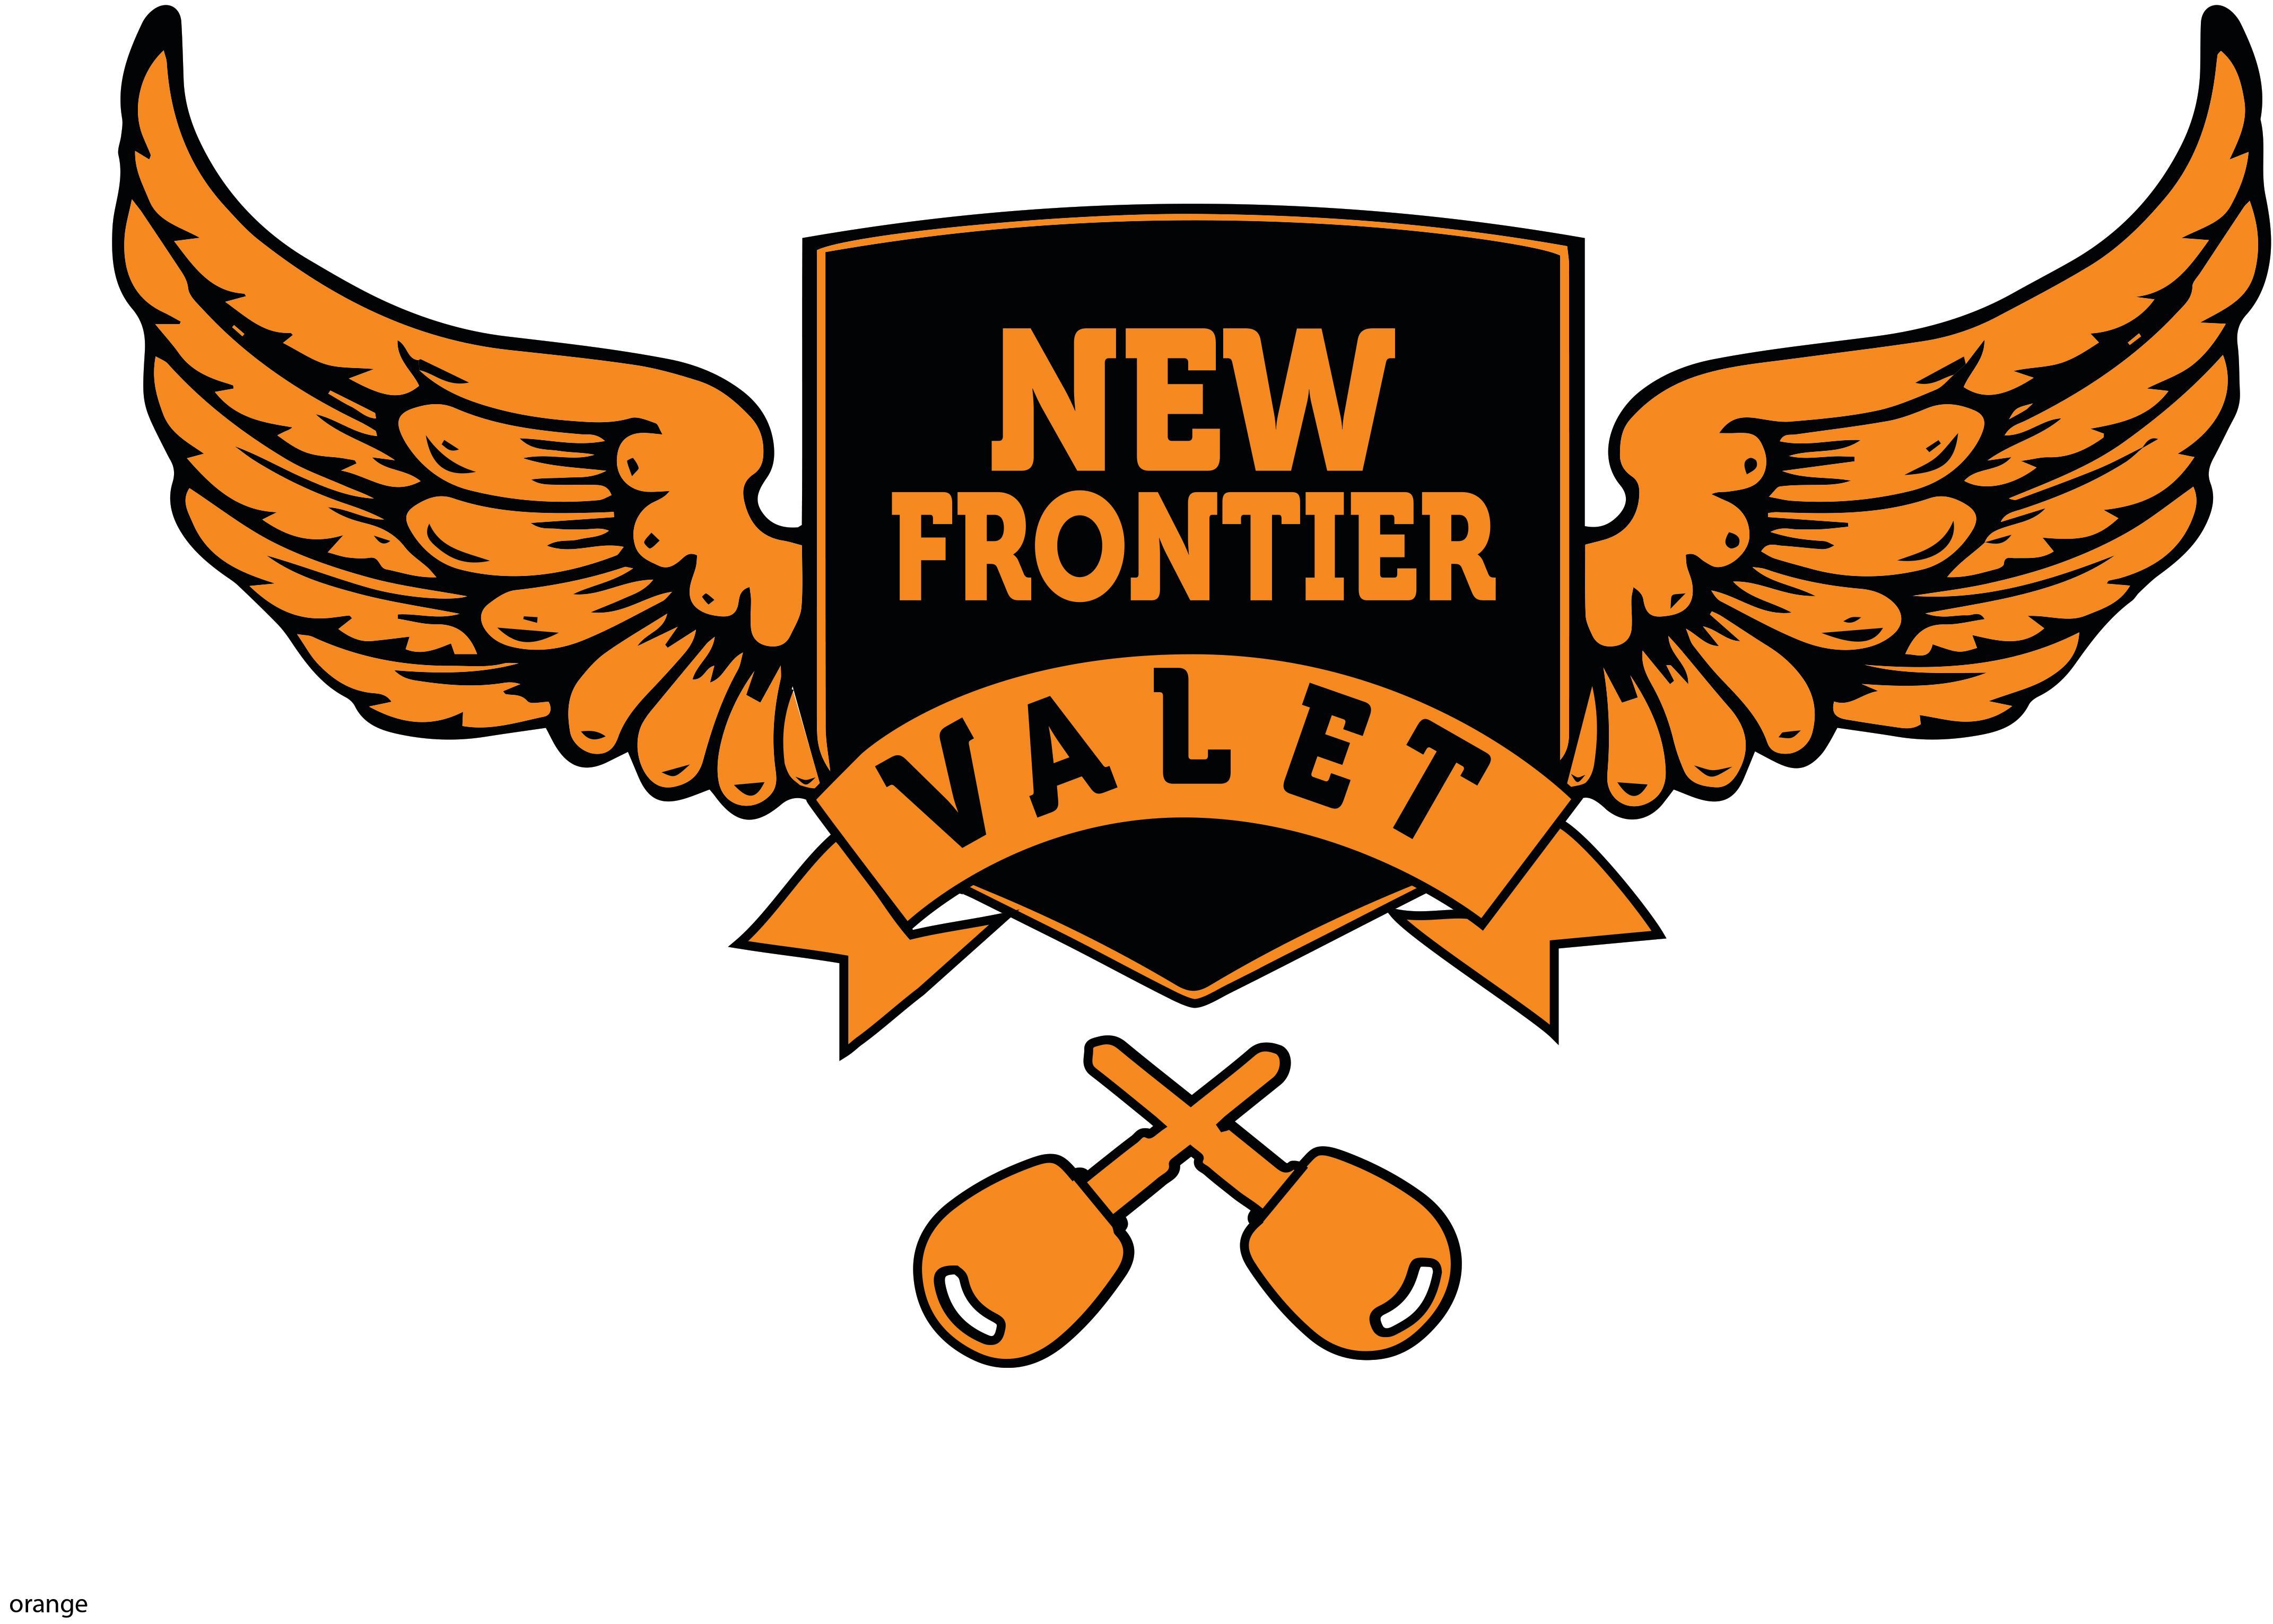 New Frontier Valet